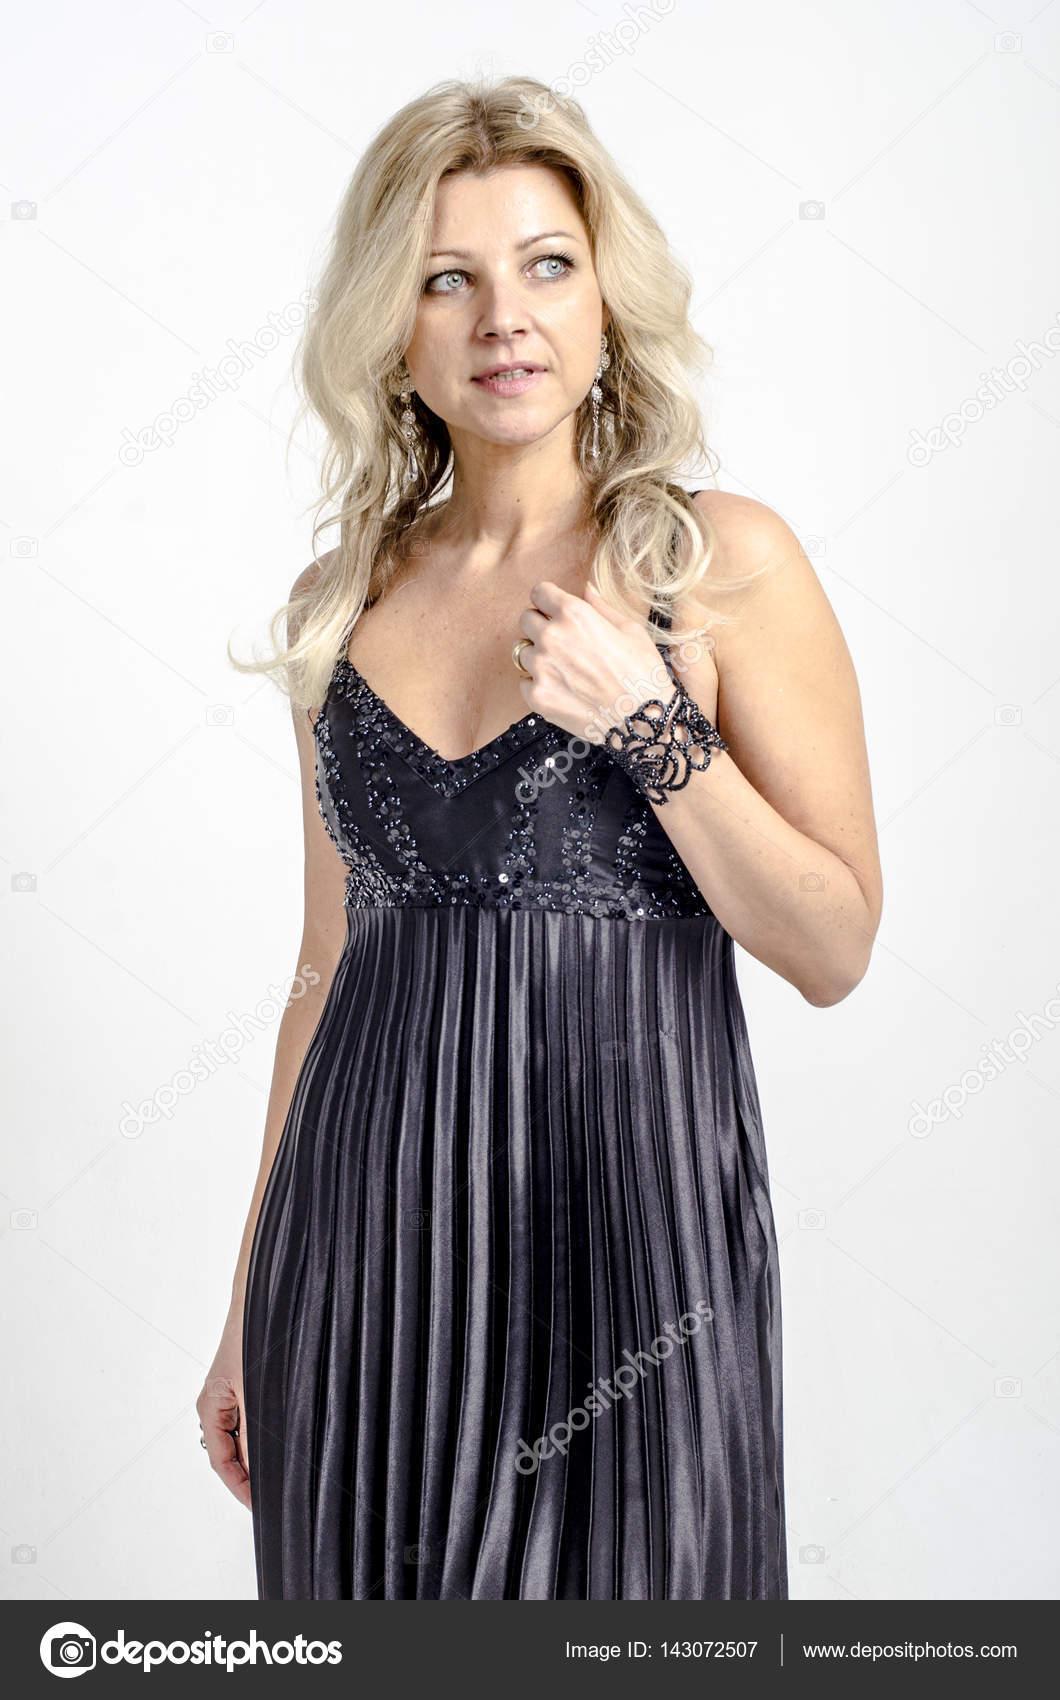 aa0ff9ee287 Belle femme blonde dans une robe de cocktail noire– images de stock libres  de droits